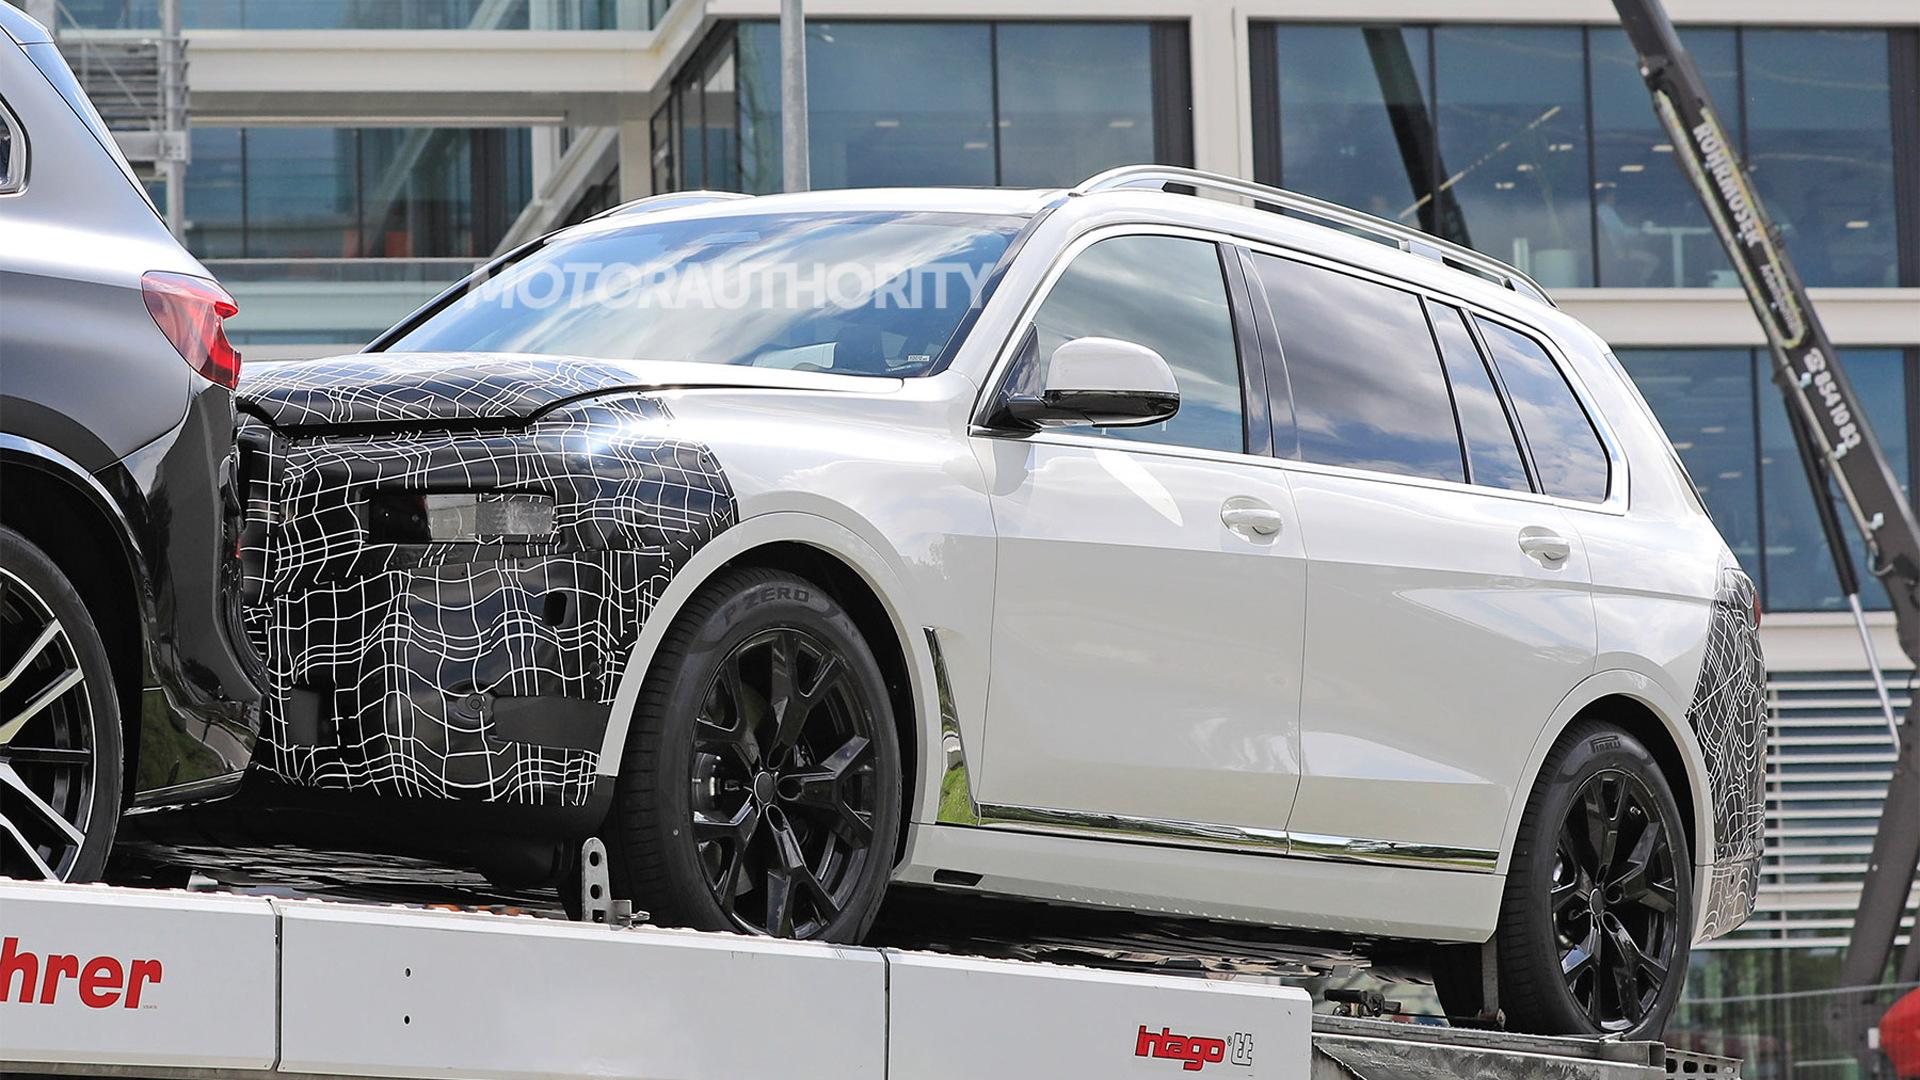 2023 BMW X7 spy shots - Photo credit:S. Baldauf/SB-Medien